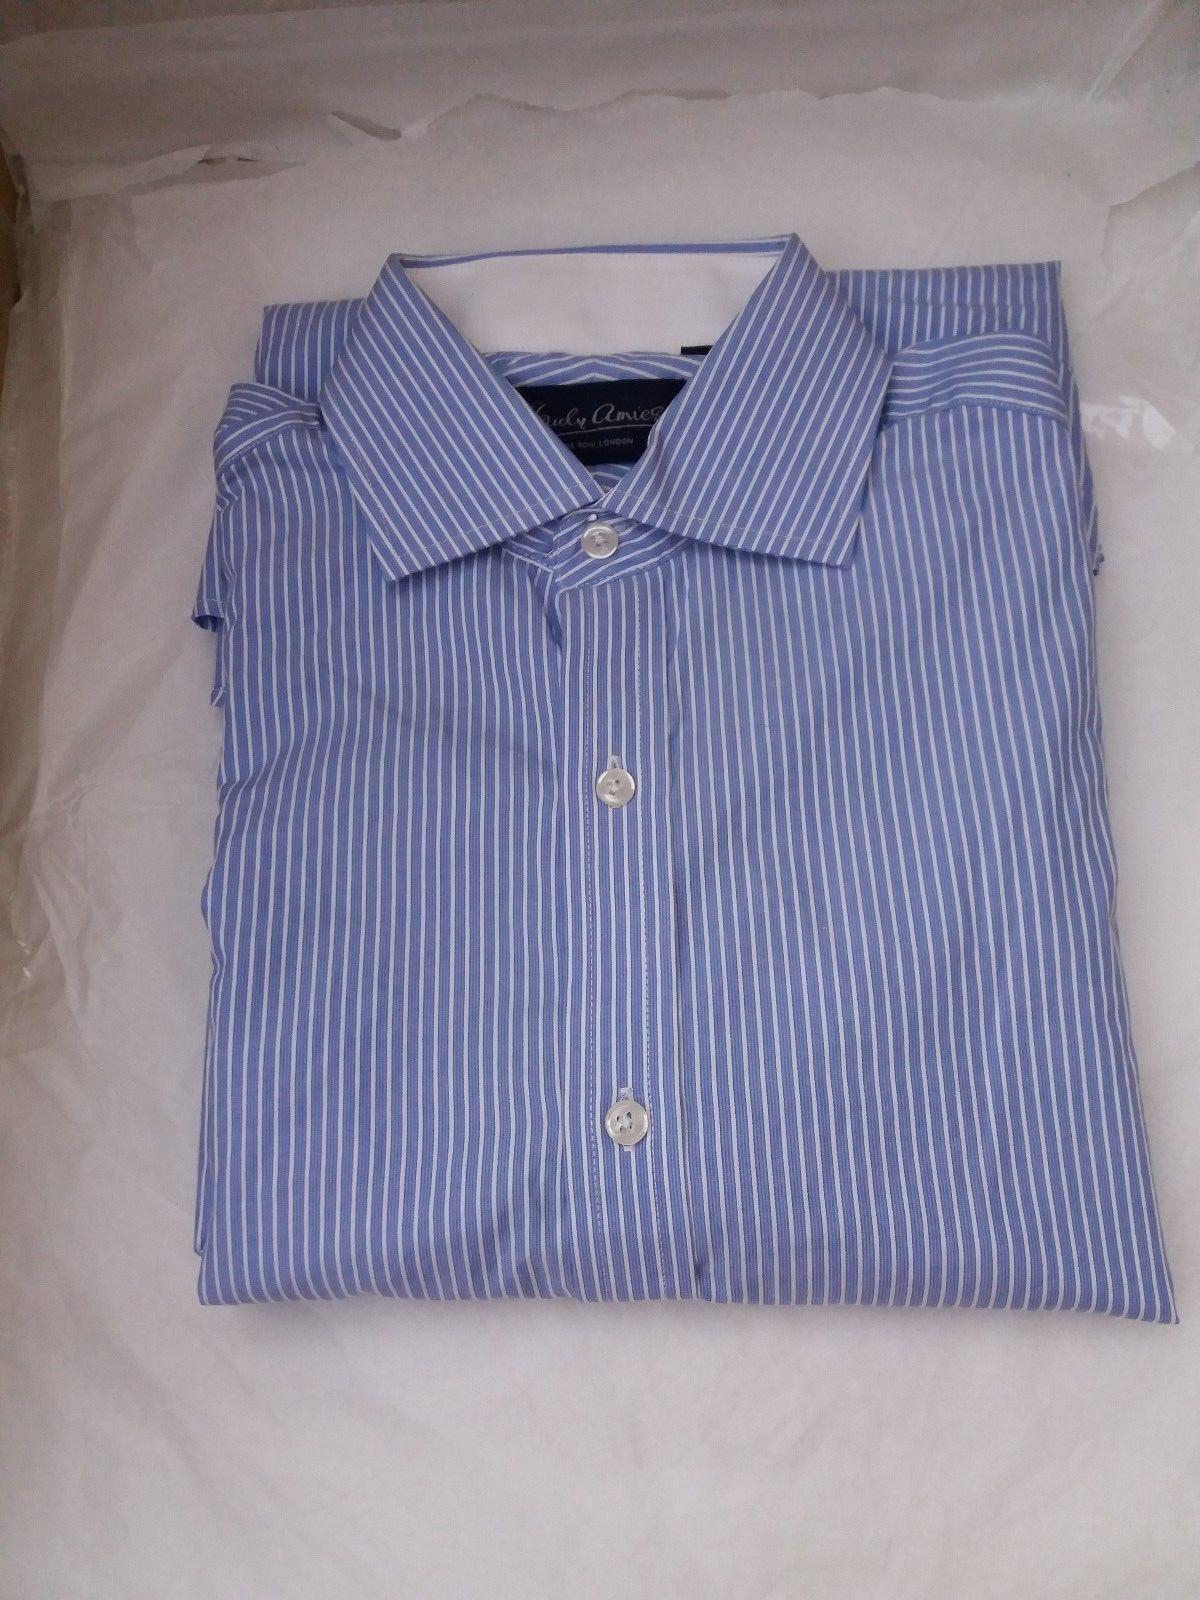 Uomo Hardy Amies DI Saville Row London A Maniche Lunghe Camicia Blu a Righe